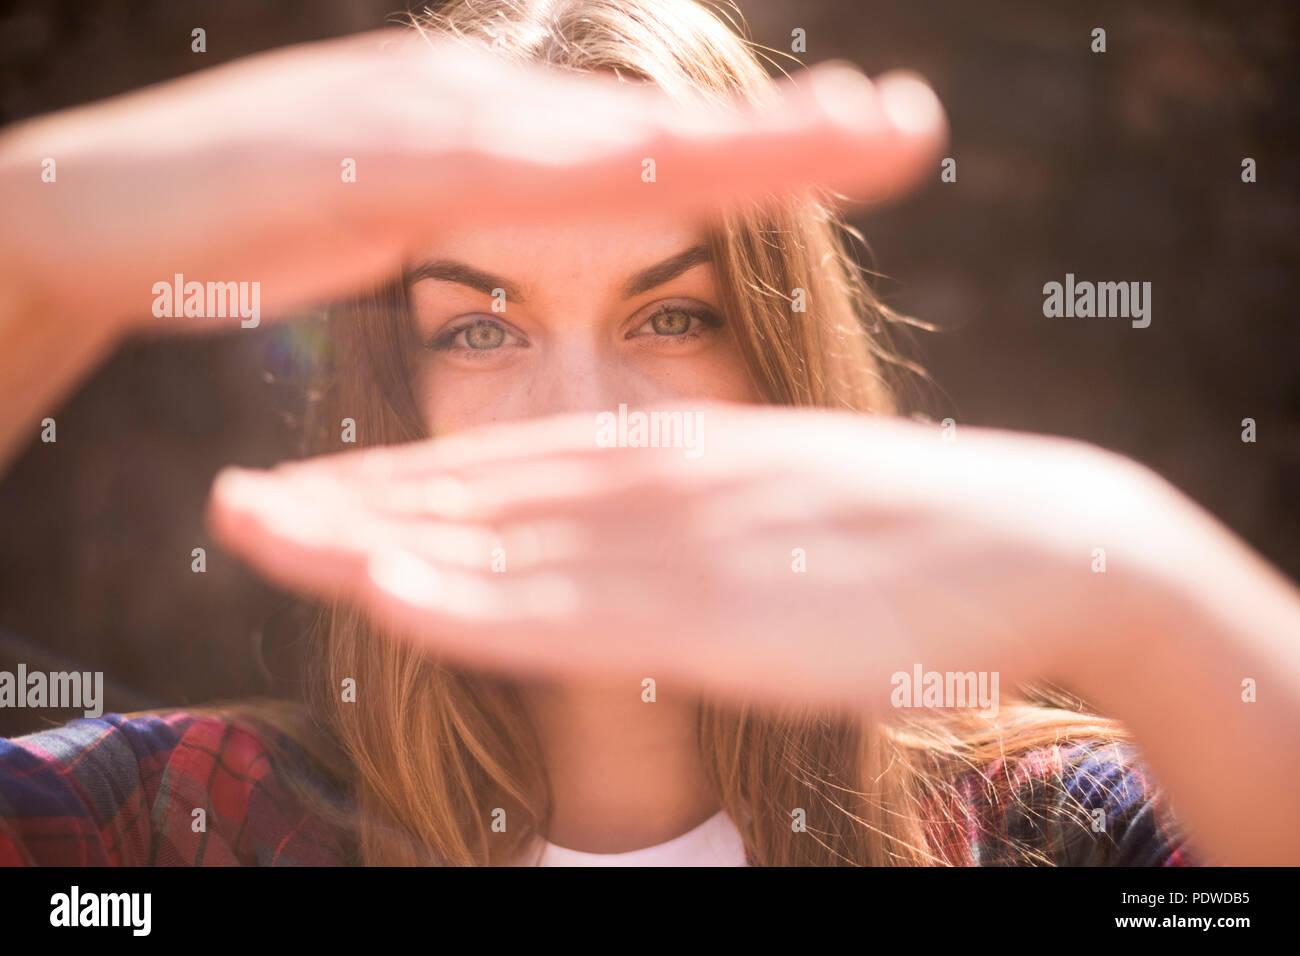 Sonnige Portrait von schönen Modell kaukasischen mit blauen Augen in die Hintergrundbeleuchtung mit der Hand vor ihrem Gesicht die versteckte Mund. bokeh Defokussierten backgroun Stockbild